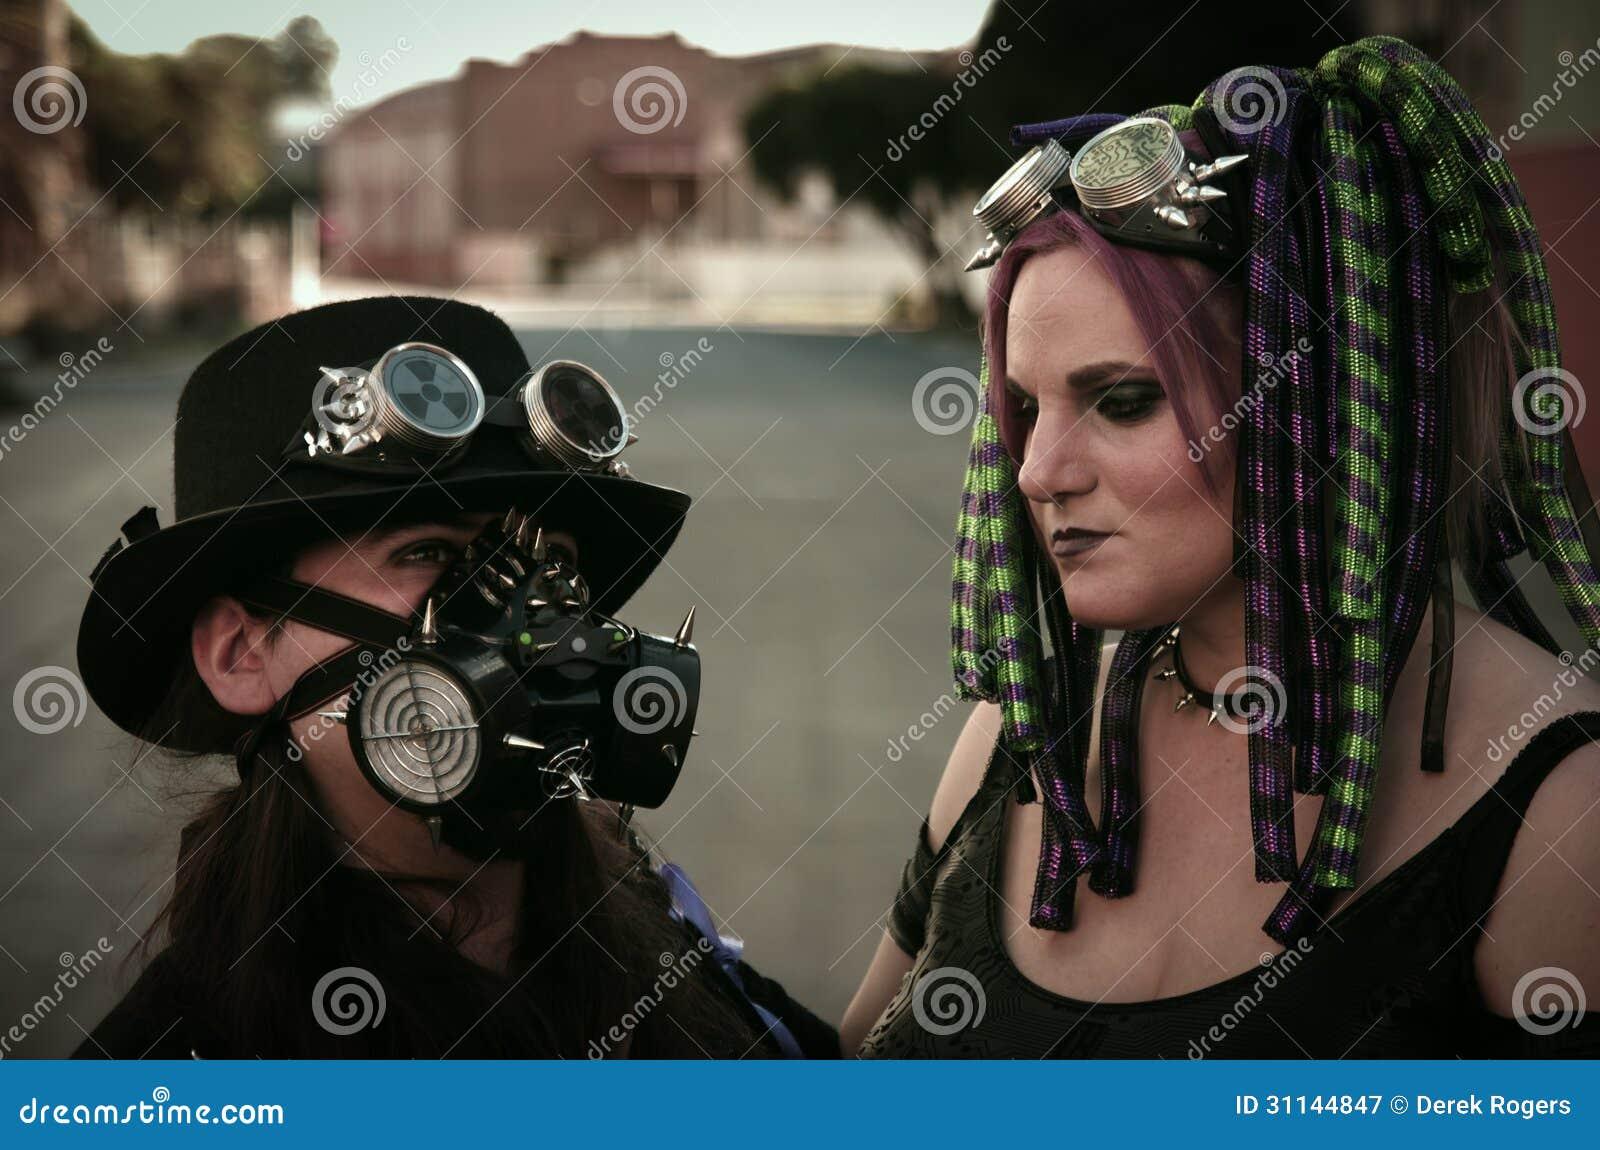 Cyber Punkpaar #2